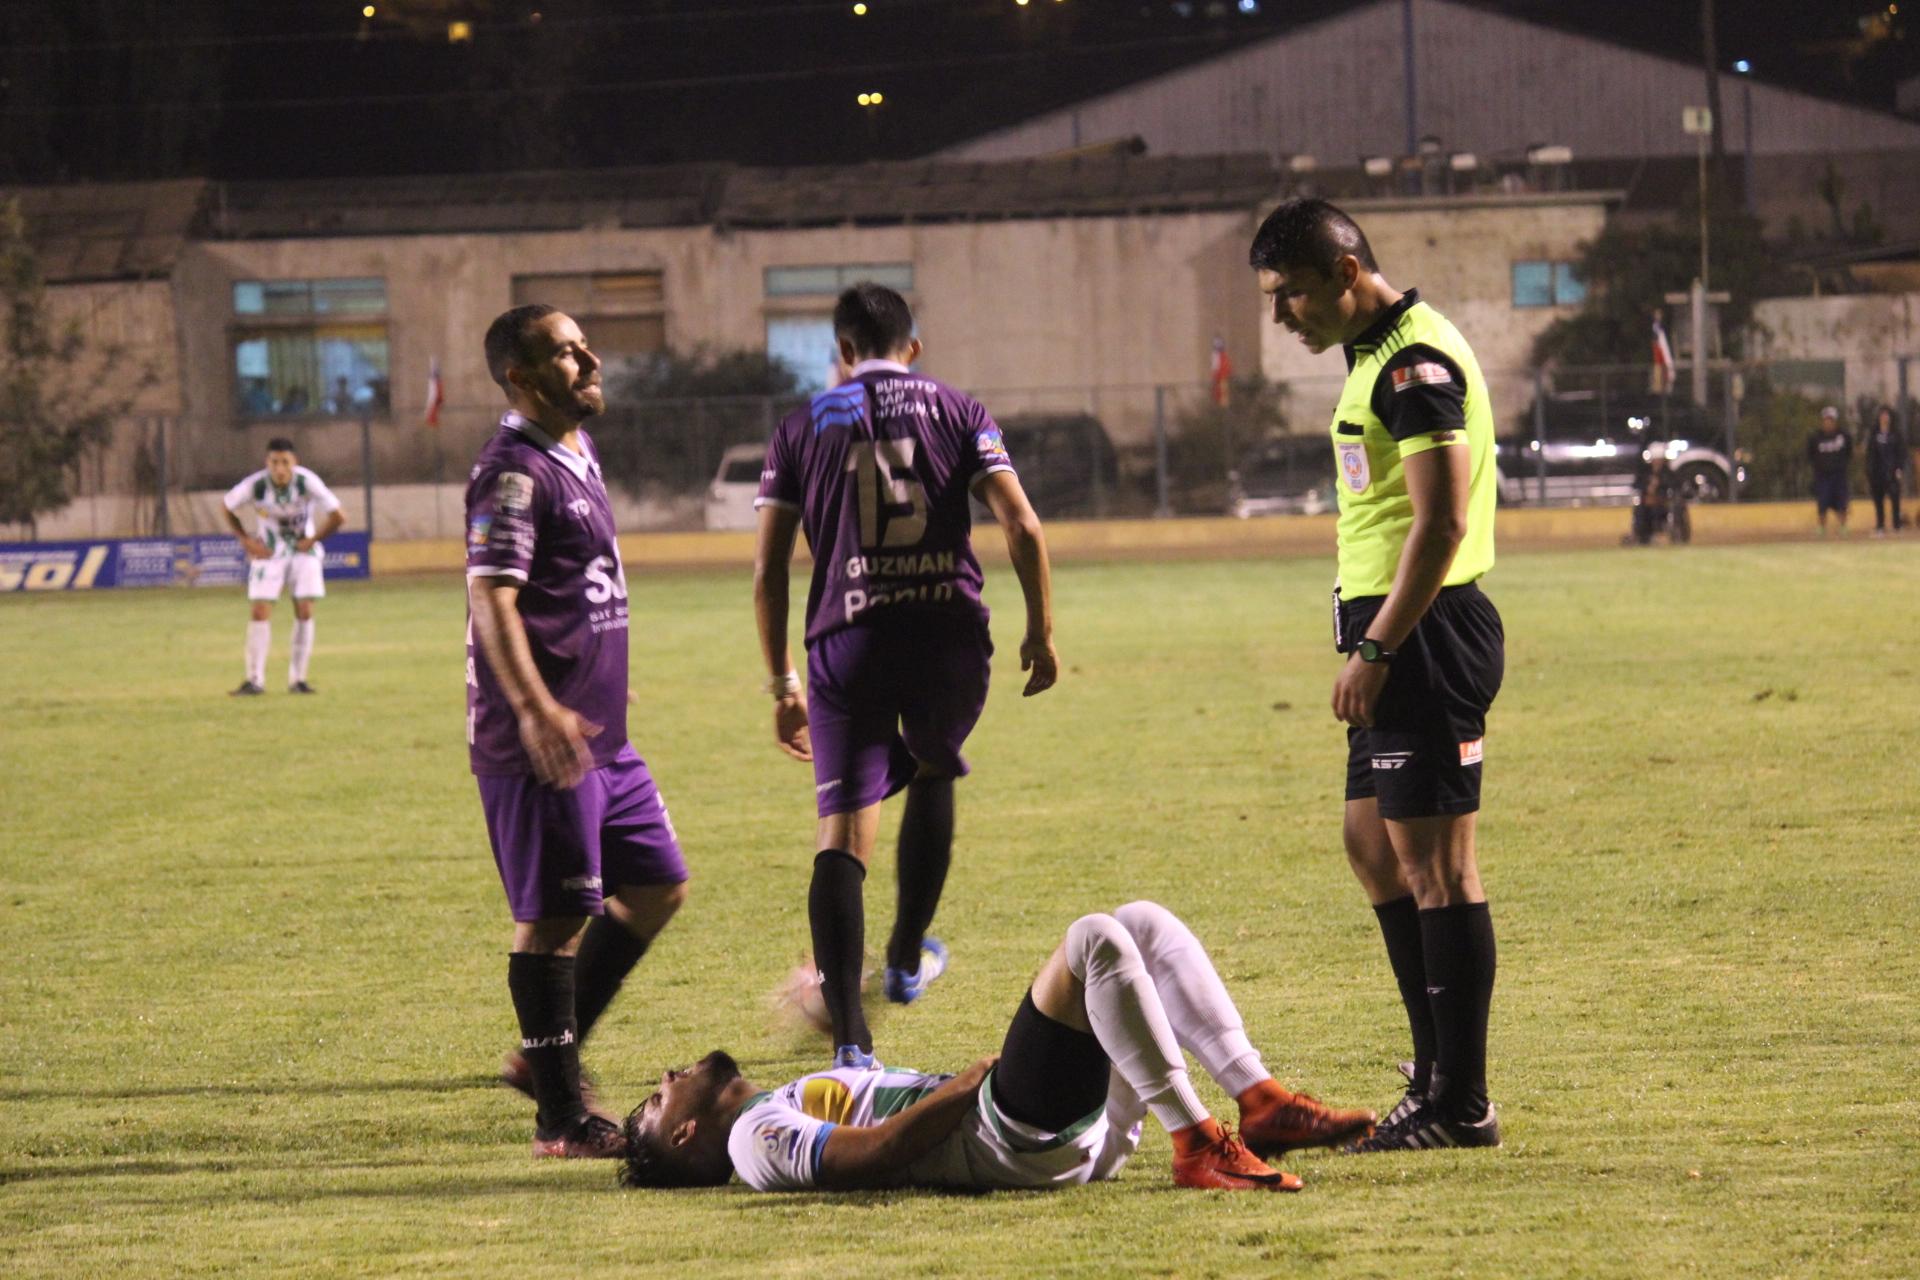 De atrás pica el indio: Deportes Vallenar pierde con Iberia y no sabe de victorias en el torneo